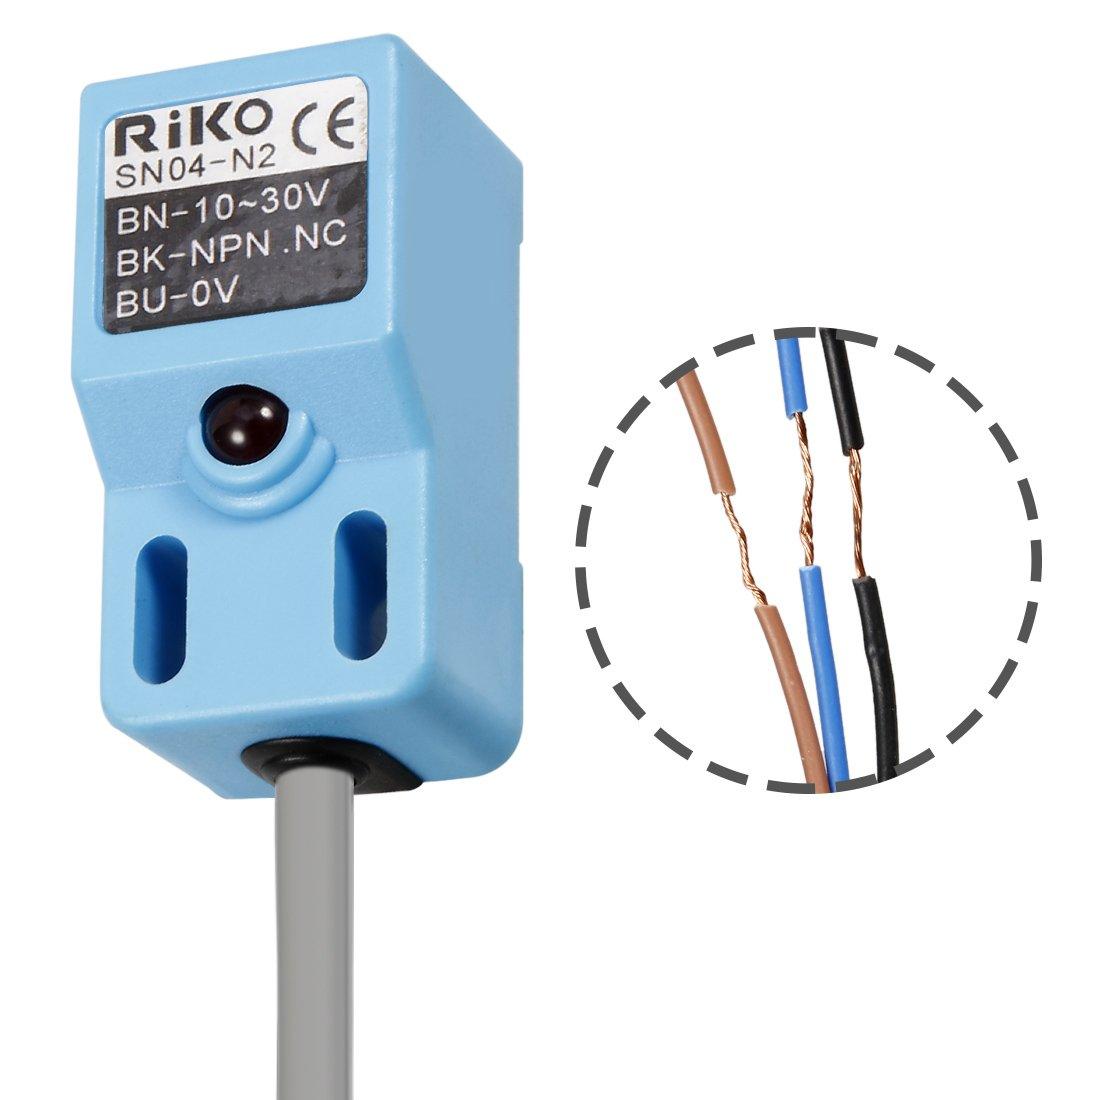 Uxcell a12091200ux1079 SN04-N2 NPN NC Inductive Proximity Sensor ...